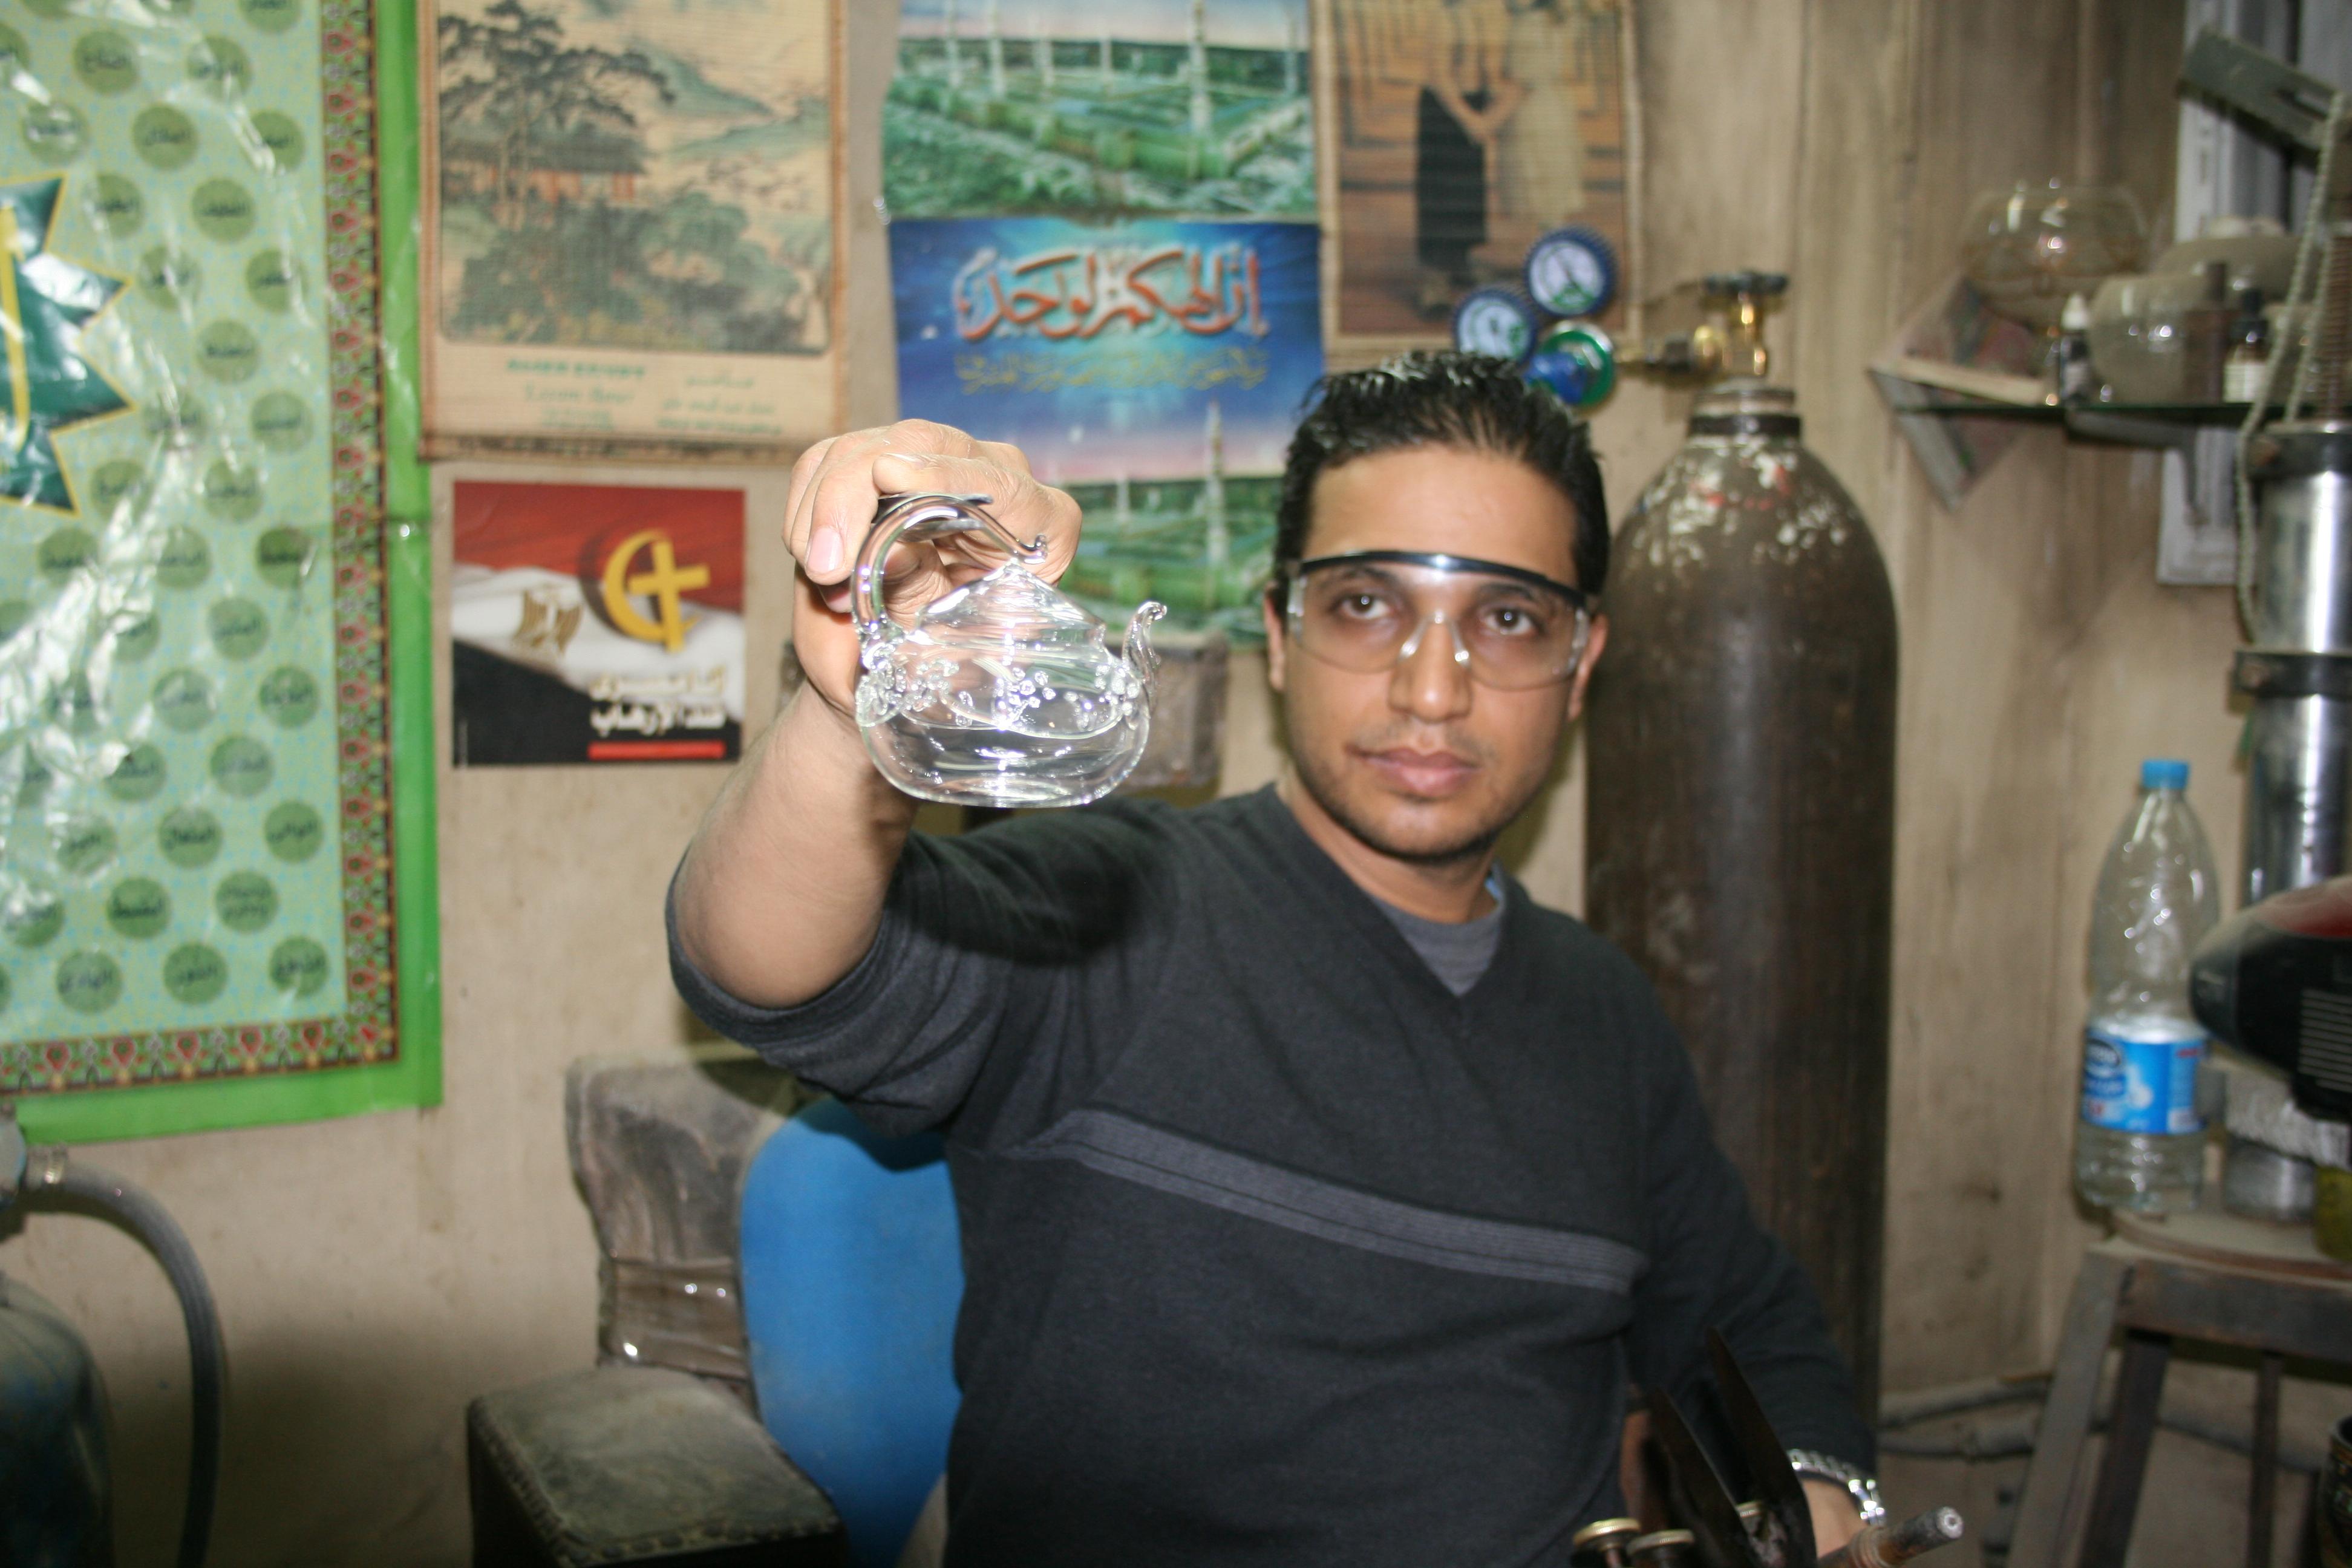 Produktionsprozess Parfumflakons_11